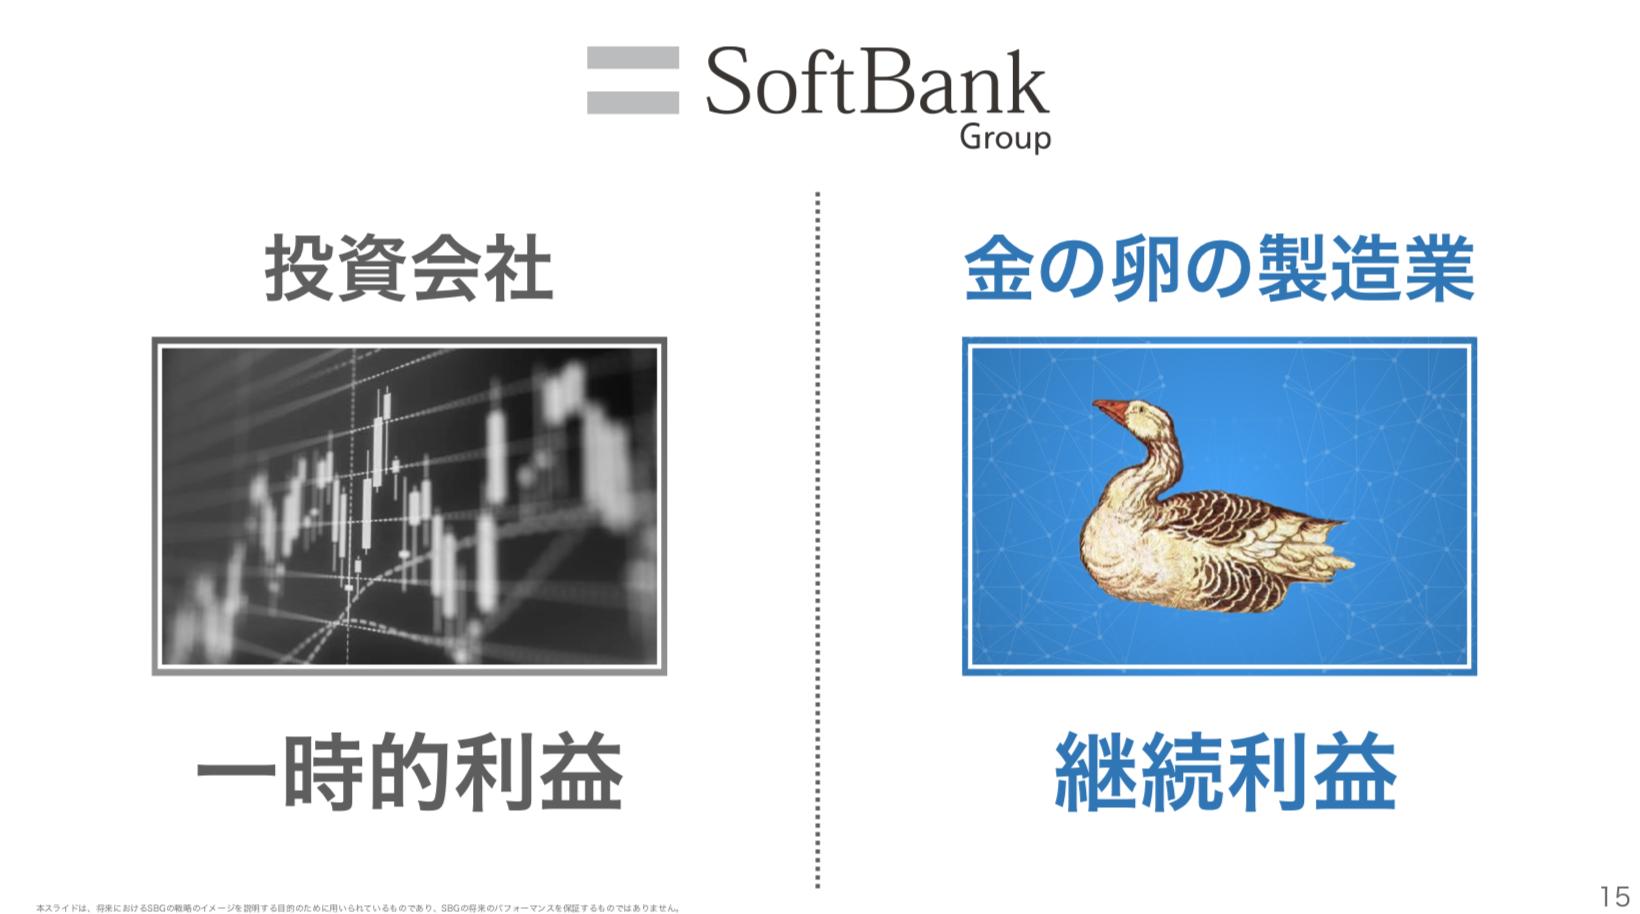 ソフトバンクグループ株式会社 2021年決算説明会